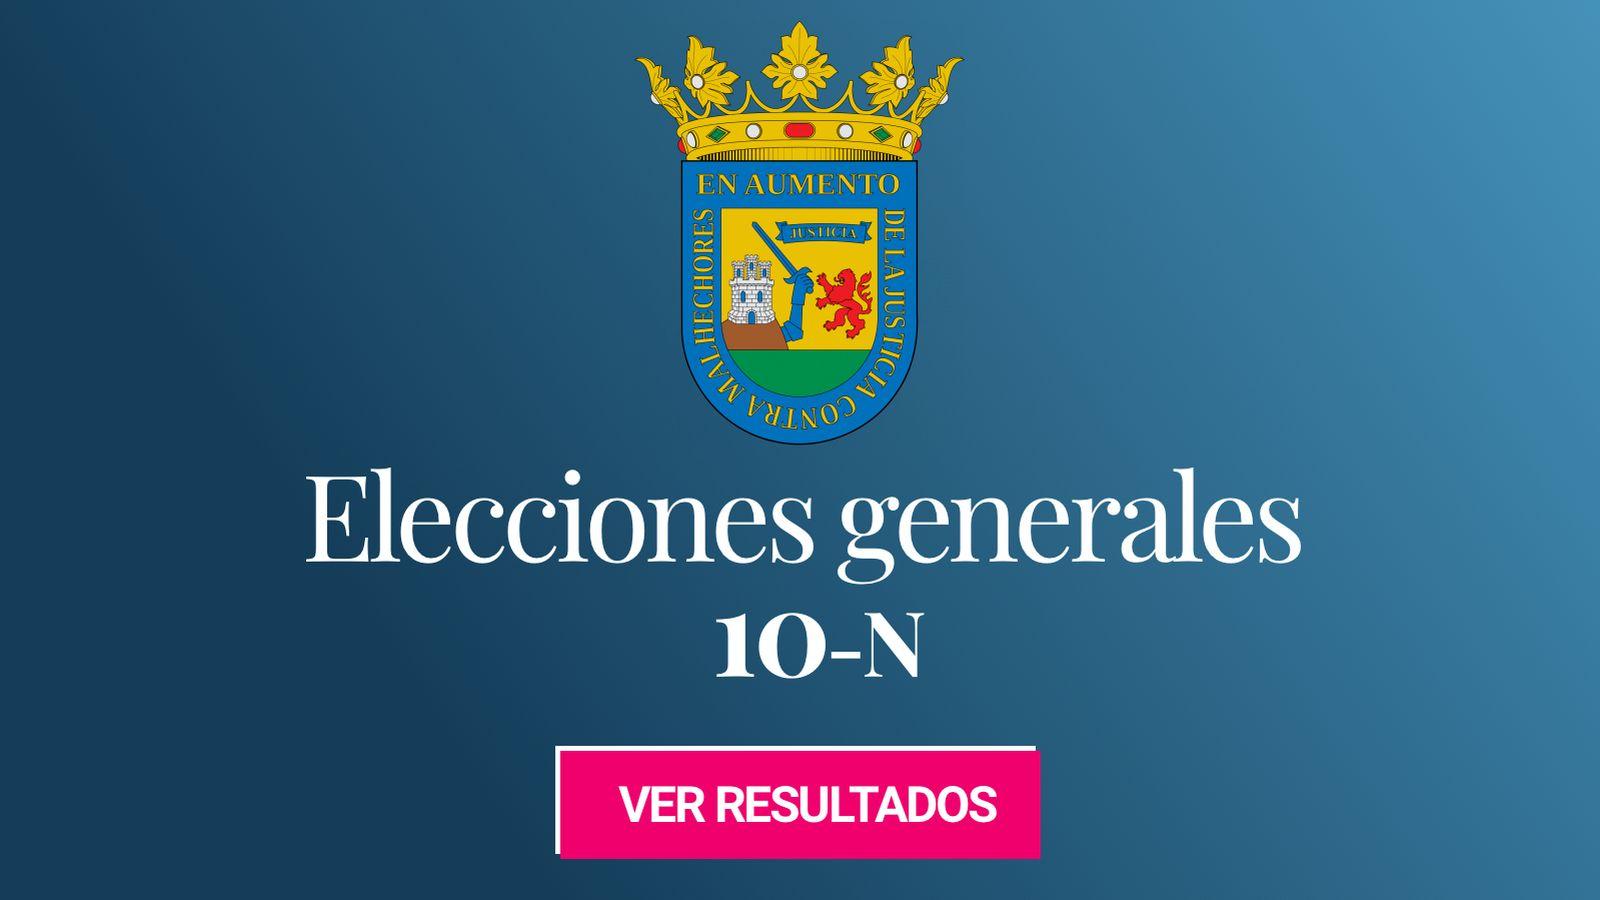 Foto: Elecciones generales 2019 en la provincia de Álava. (C.C./HansenBCN)